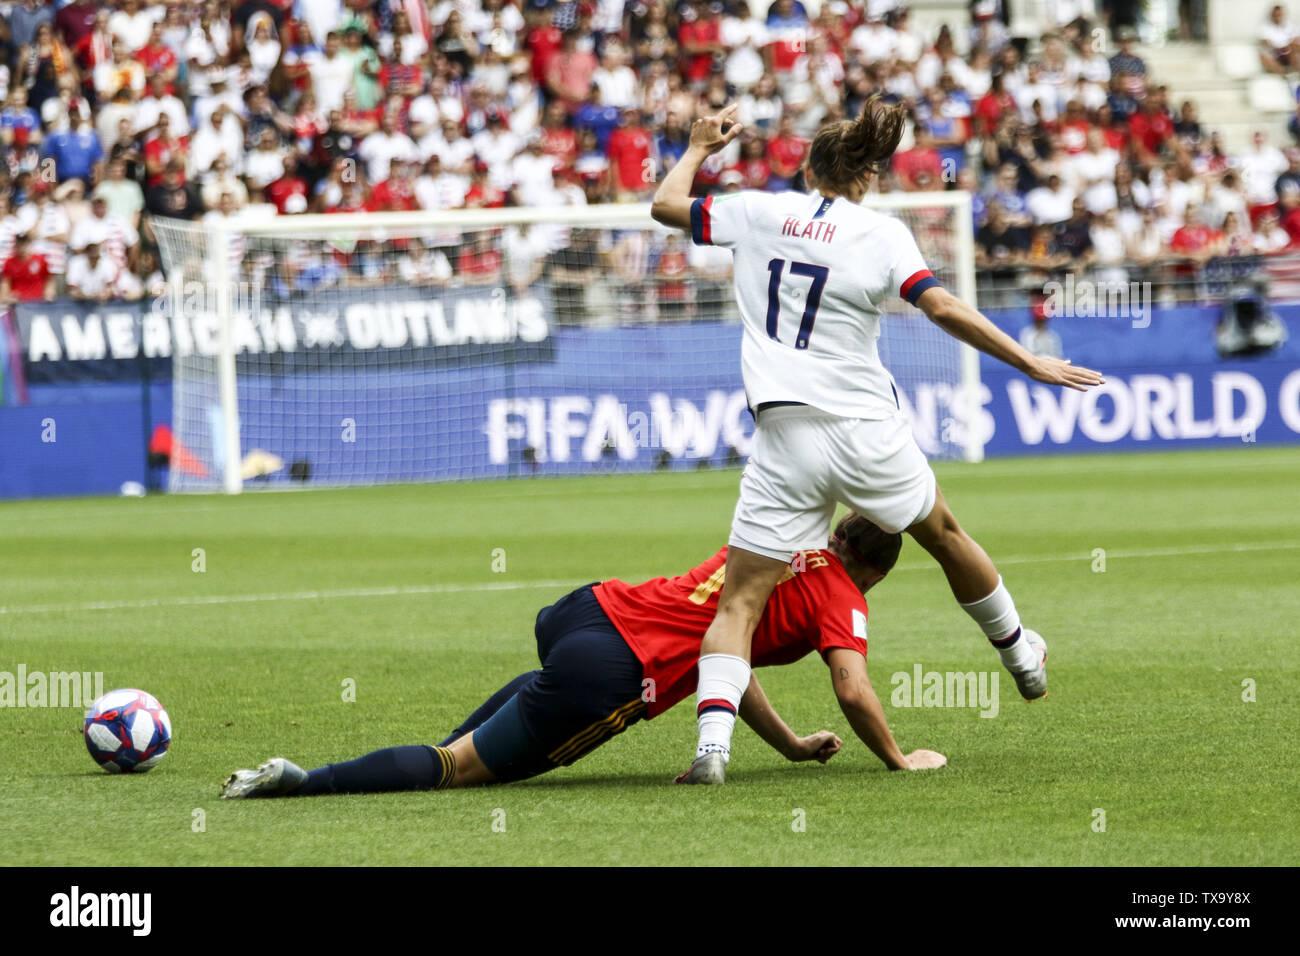 Junio 24, 2019 - Tobin Heath 17, Francia durante la Copa Mundial Femenina 2019 octavos de final del partido de fútbol entre España y EE.UU., el 24 de junio de 2019, en el estadio Auguste-Delaune en Reims, en el norte de Francia. (Crédito de la Imagen: © Elyxandro CegarraZUMA Wire) Imagen De Stock